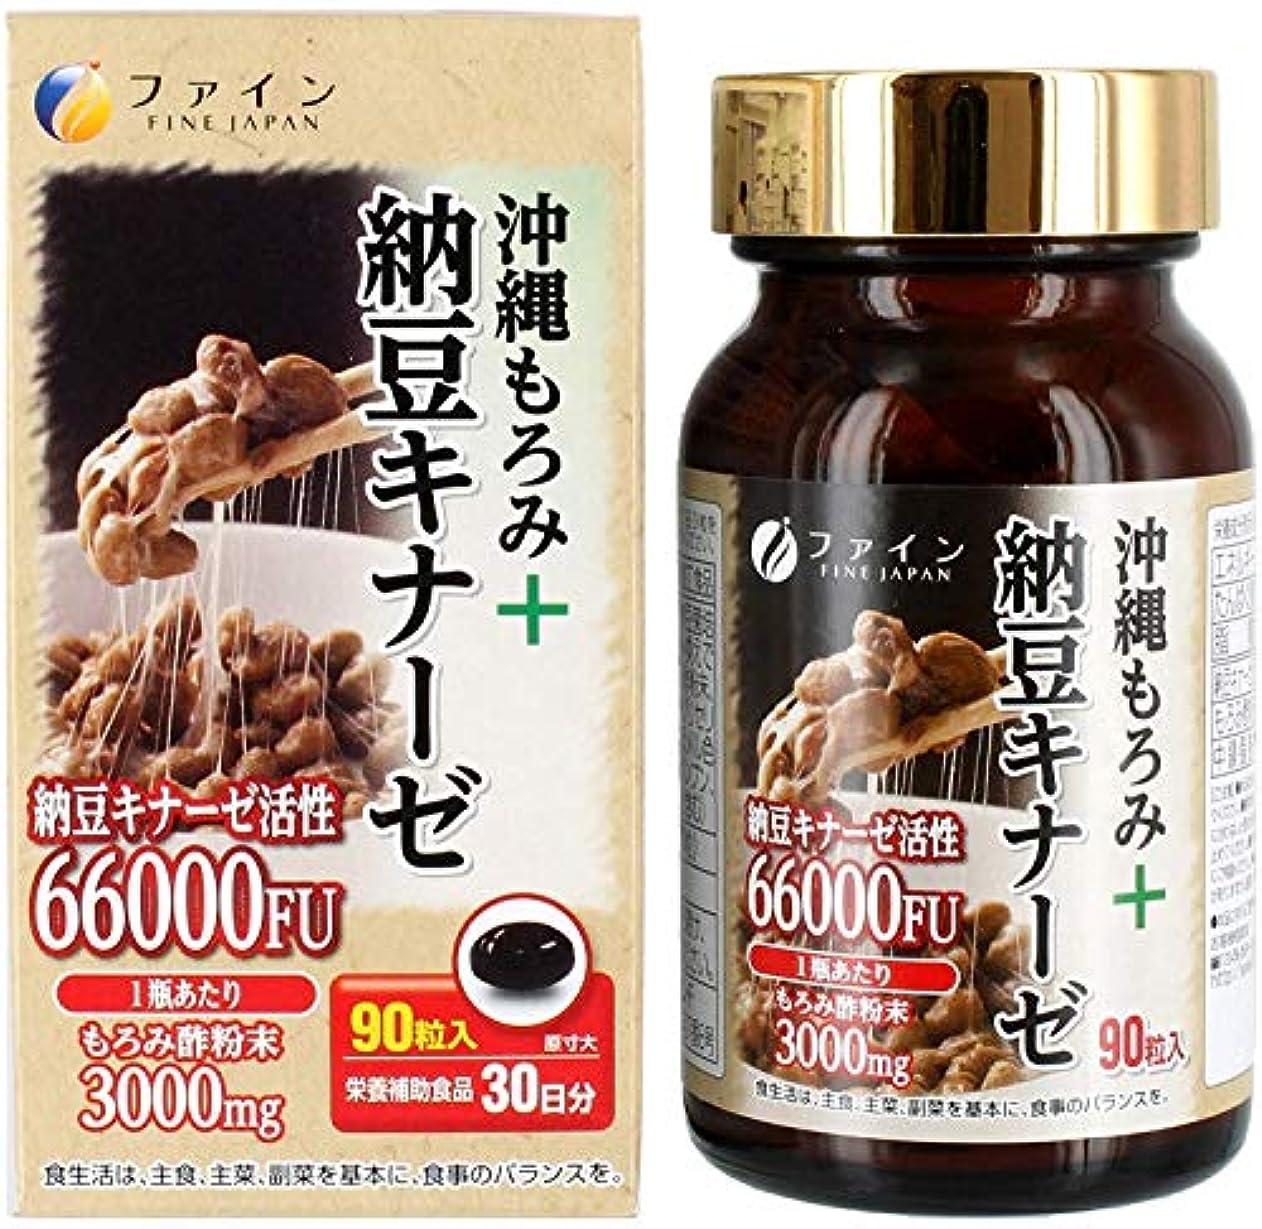 に付けるしょっぱいボイラーファイン 沖縄もろみ+納豆キナーゼ 30日分(90粒入) 中鎖脂肪酸 配合